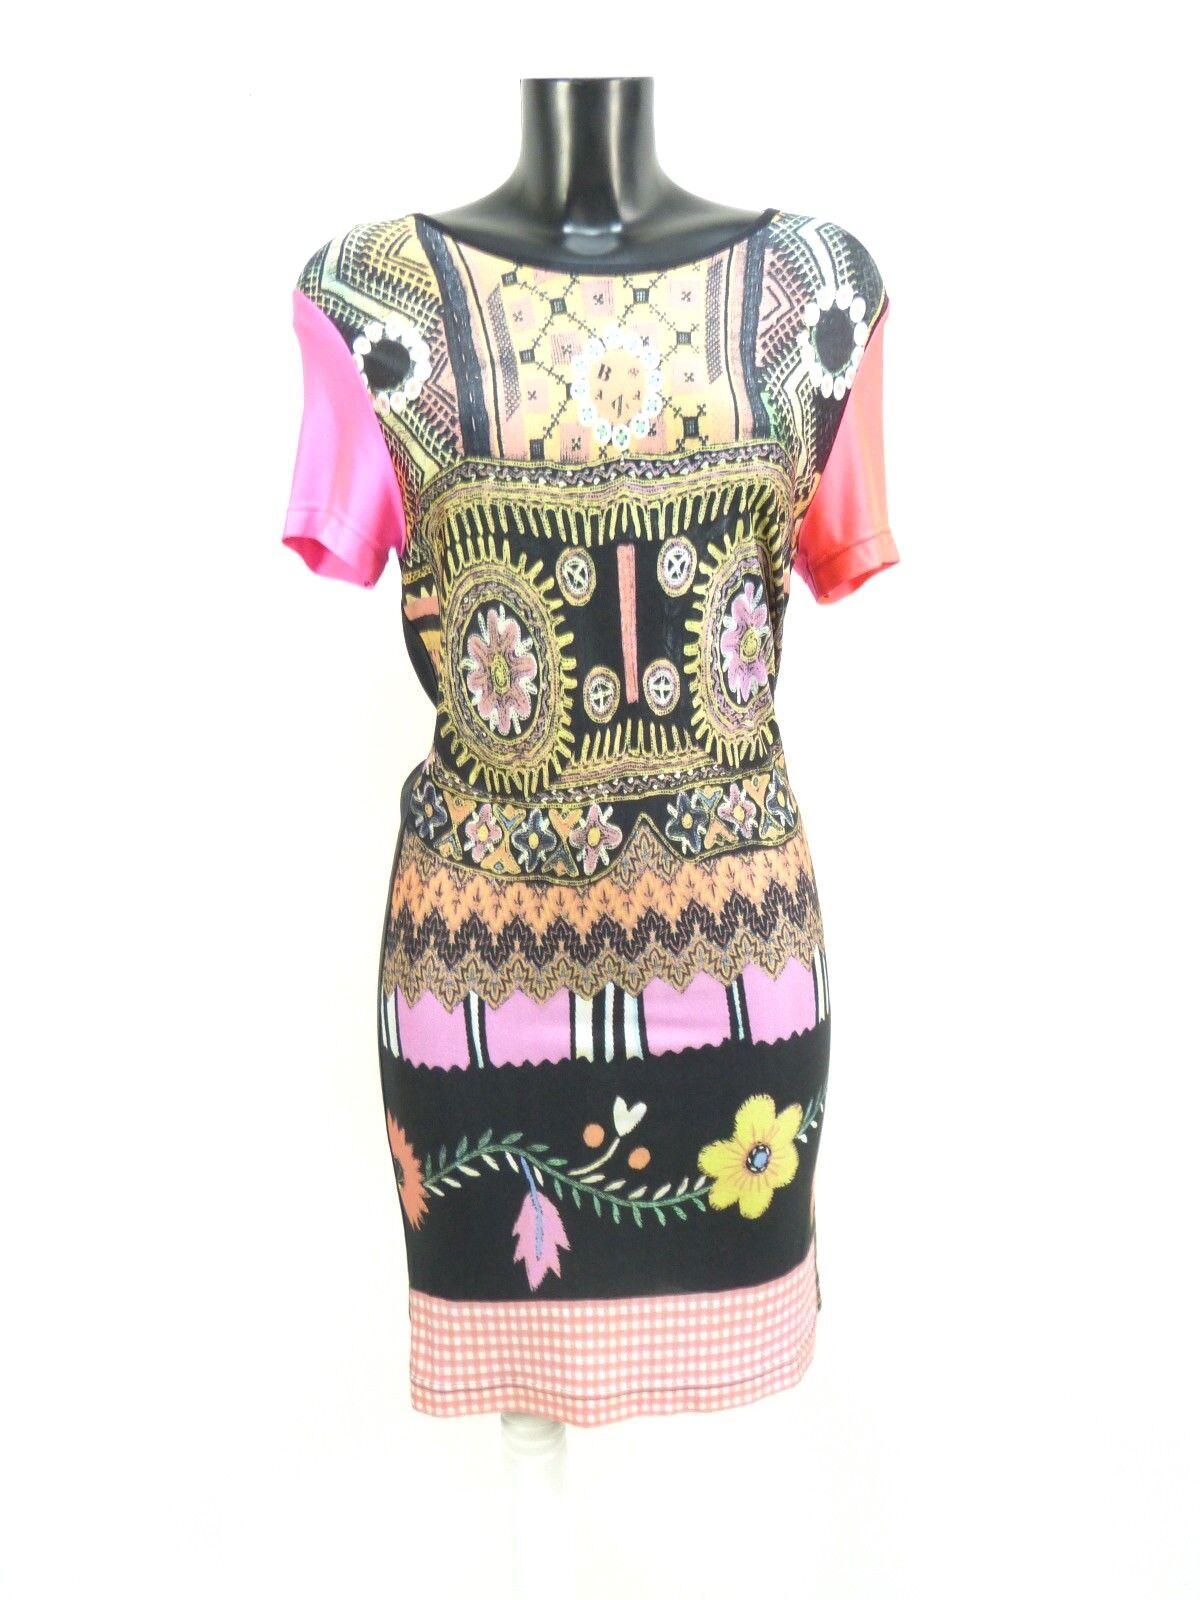 CHRISTIAN LACROIX Bazar multi pattern dress vintage style sz M   44 It   8 US